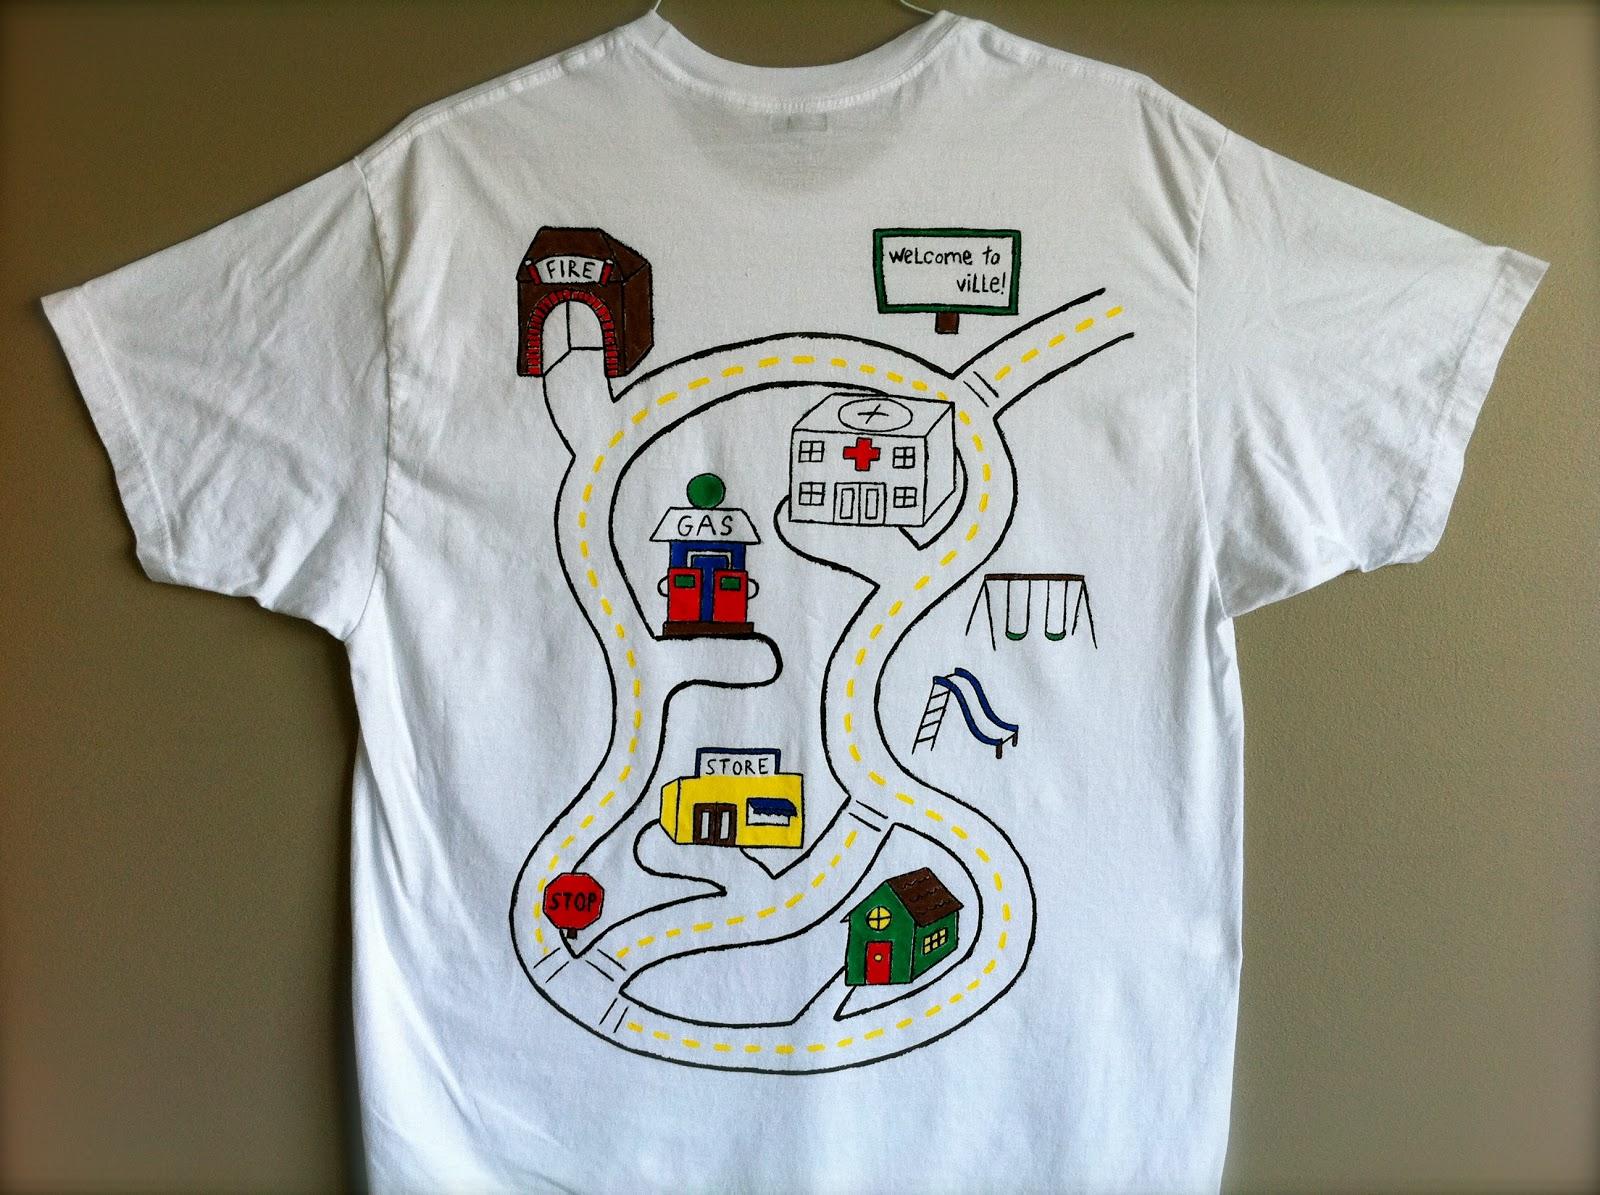 Как сделать надпись на футболке своими руками дома